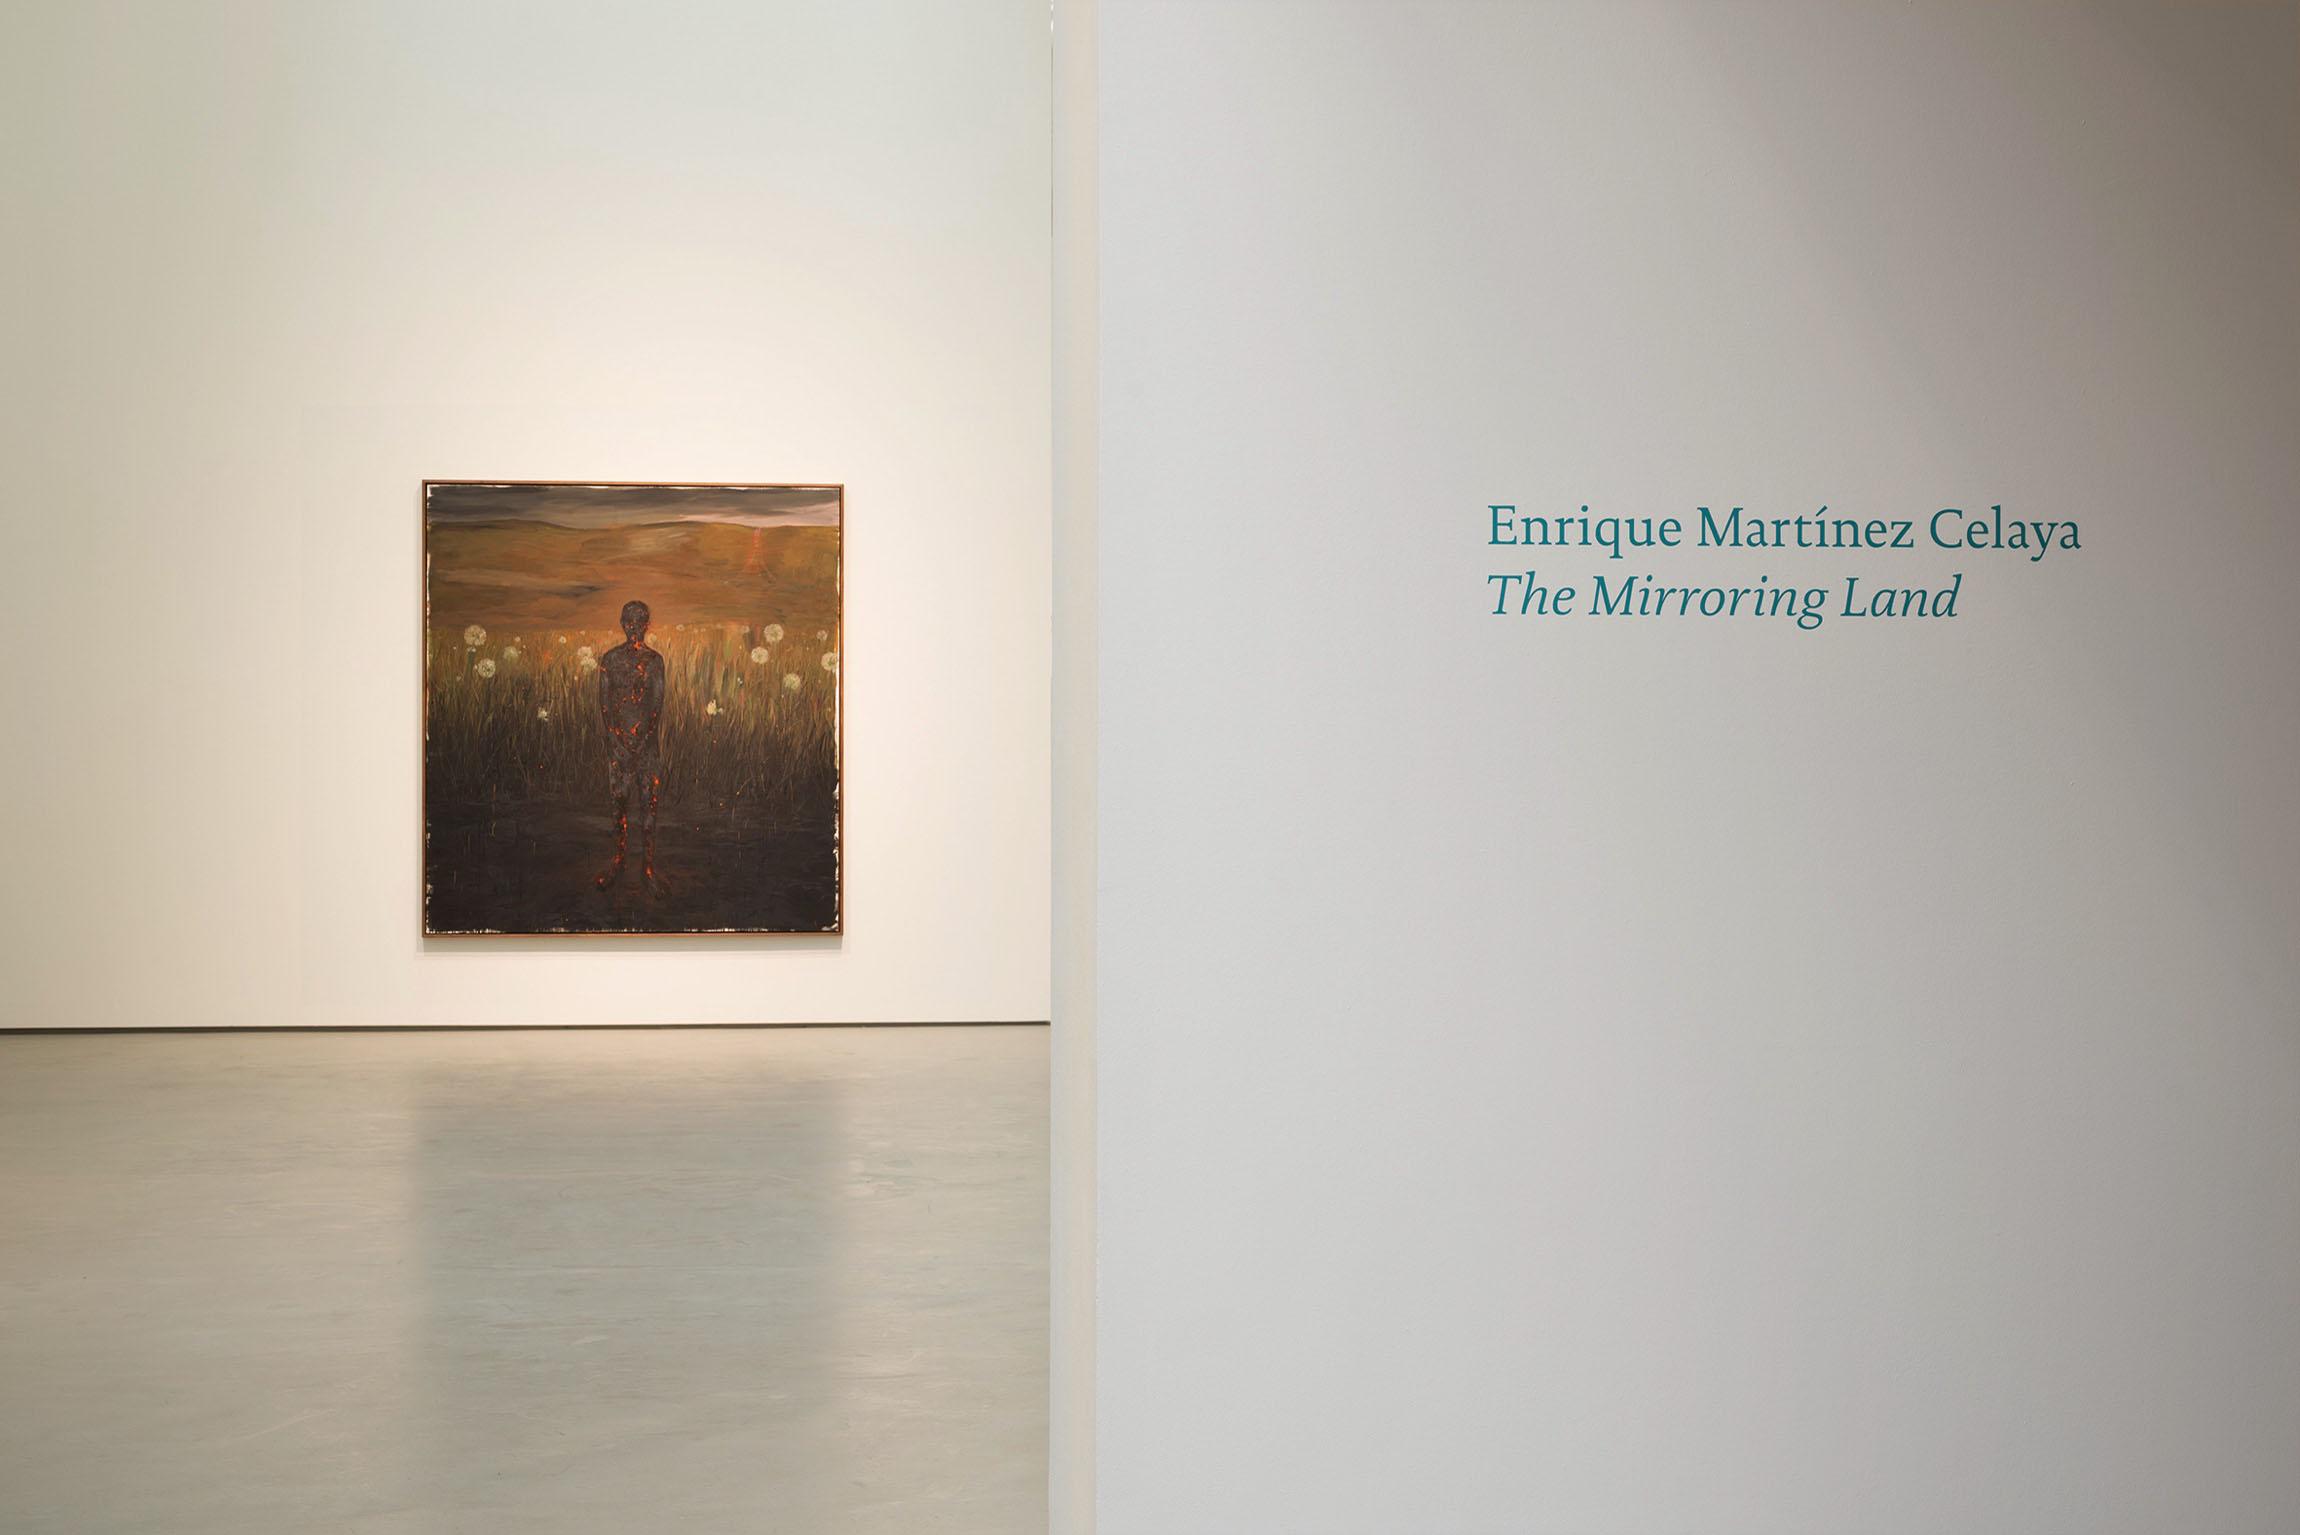 2017 Enrique Martínez Celaya The Mirroring Land